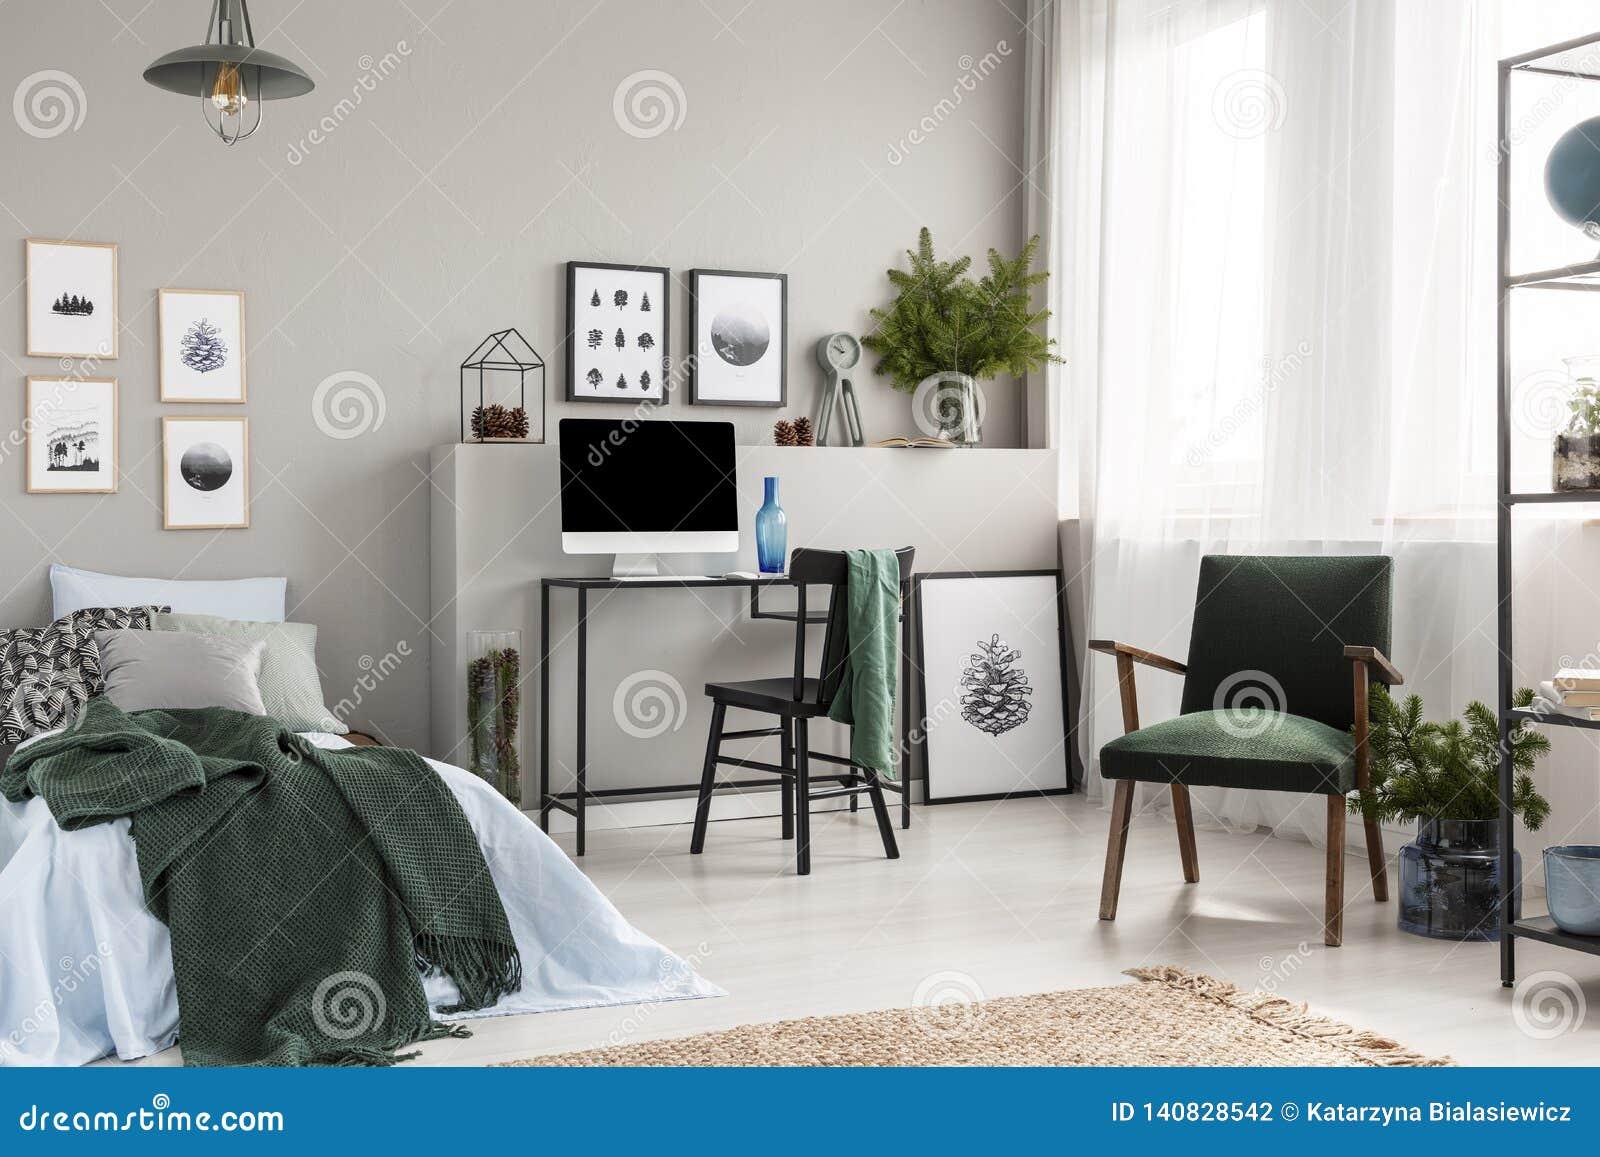 Caja de madera debajo de la sola cama del metal con las hojas azules y la manta verde en el sitio del niño de moda con espacio de